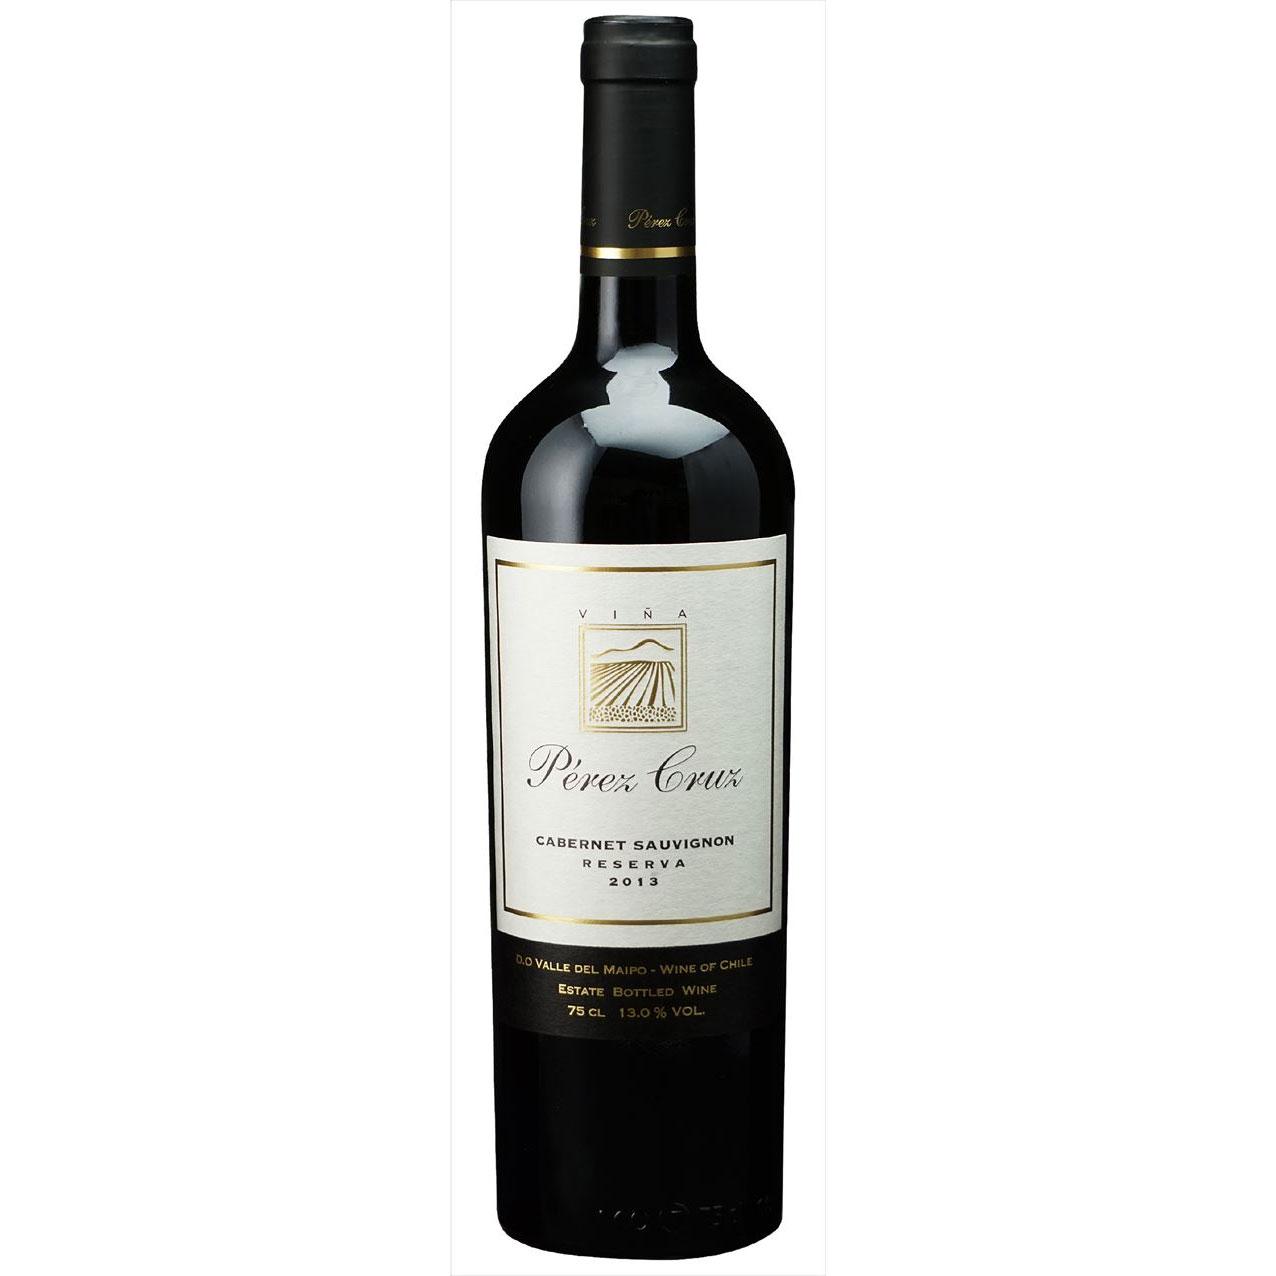 父の日 プレゼント ギフト カベルネ ソーヴィニヨン レセルバ ペレス クルス 赤 750ml 12本 チリ マイポ ヴァレー 赤ワイン 送料無料 コンビニ受取対応商品 ヴィンテージ管理しておりません、変わる場合があります ラッキーシール対応